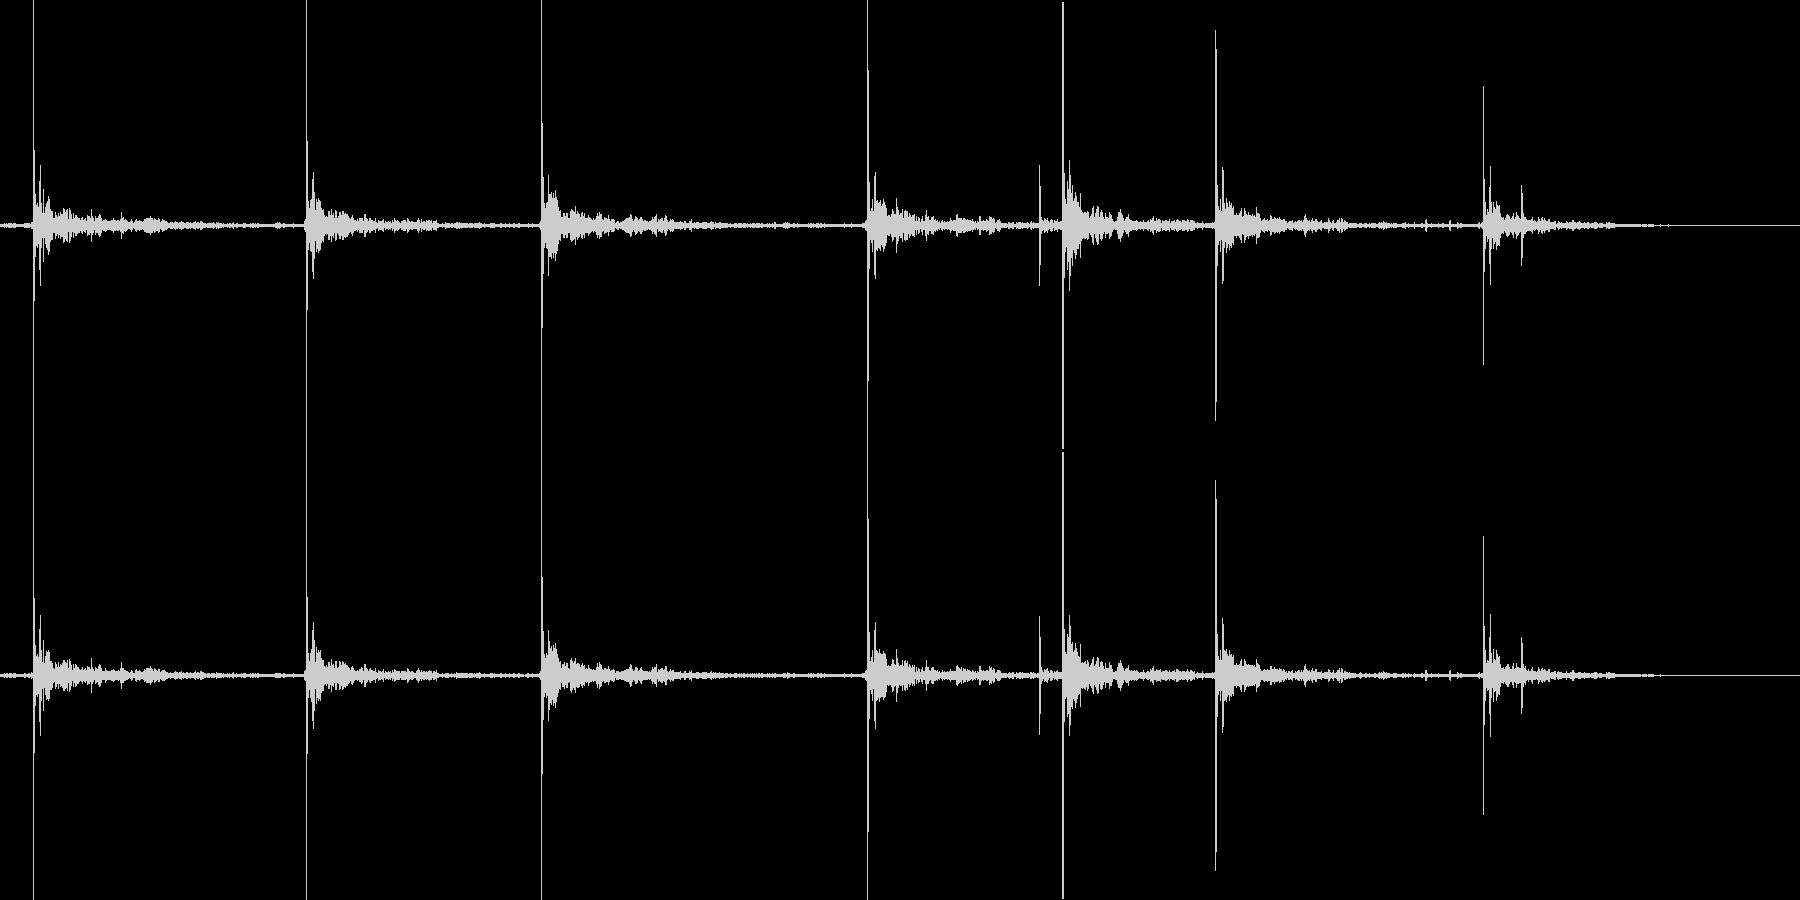 空に響き渡るドーンドーン単発の花火の未再生の波形